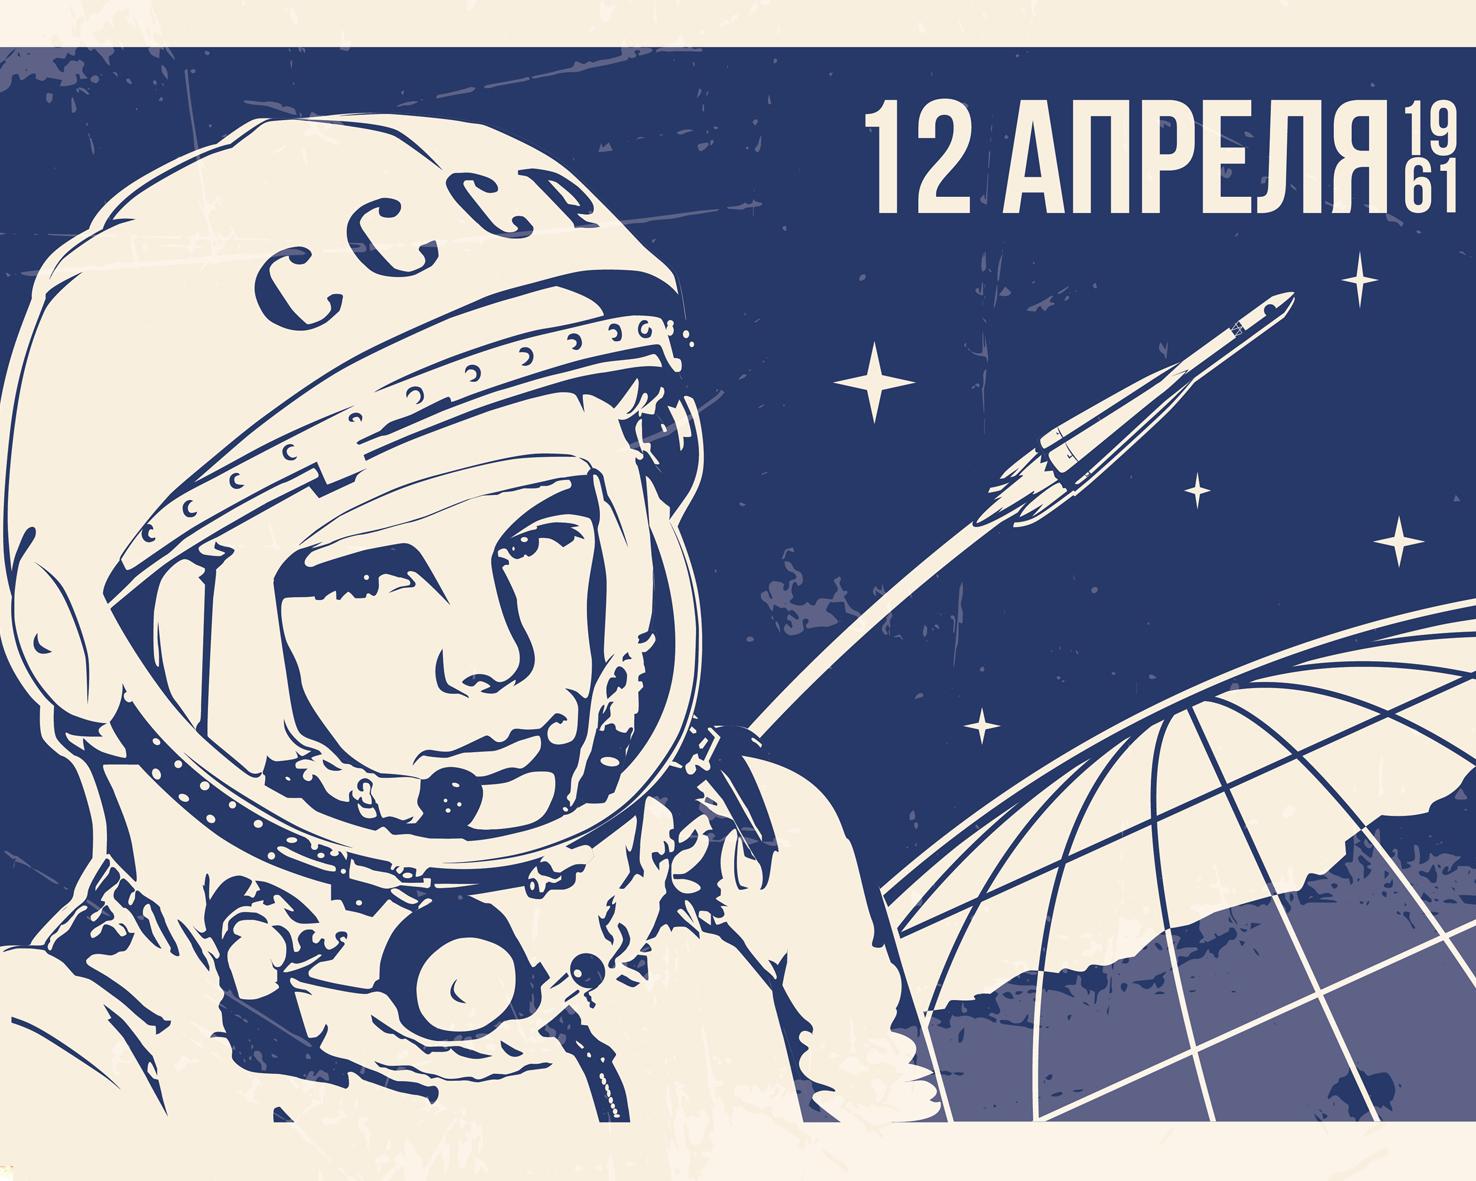 """Статья: """"День космонавтики 12 апреля. Ровно 60 лет назад Юрий Гагарин совершил первый полёт в космос."""" - Издательство «Детская литература»"""